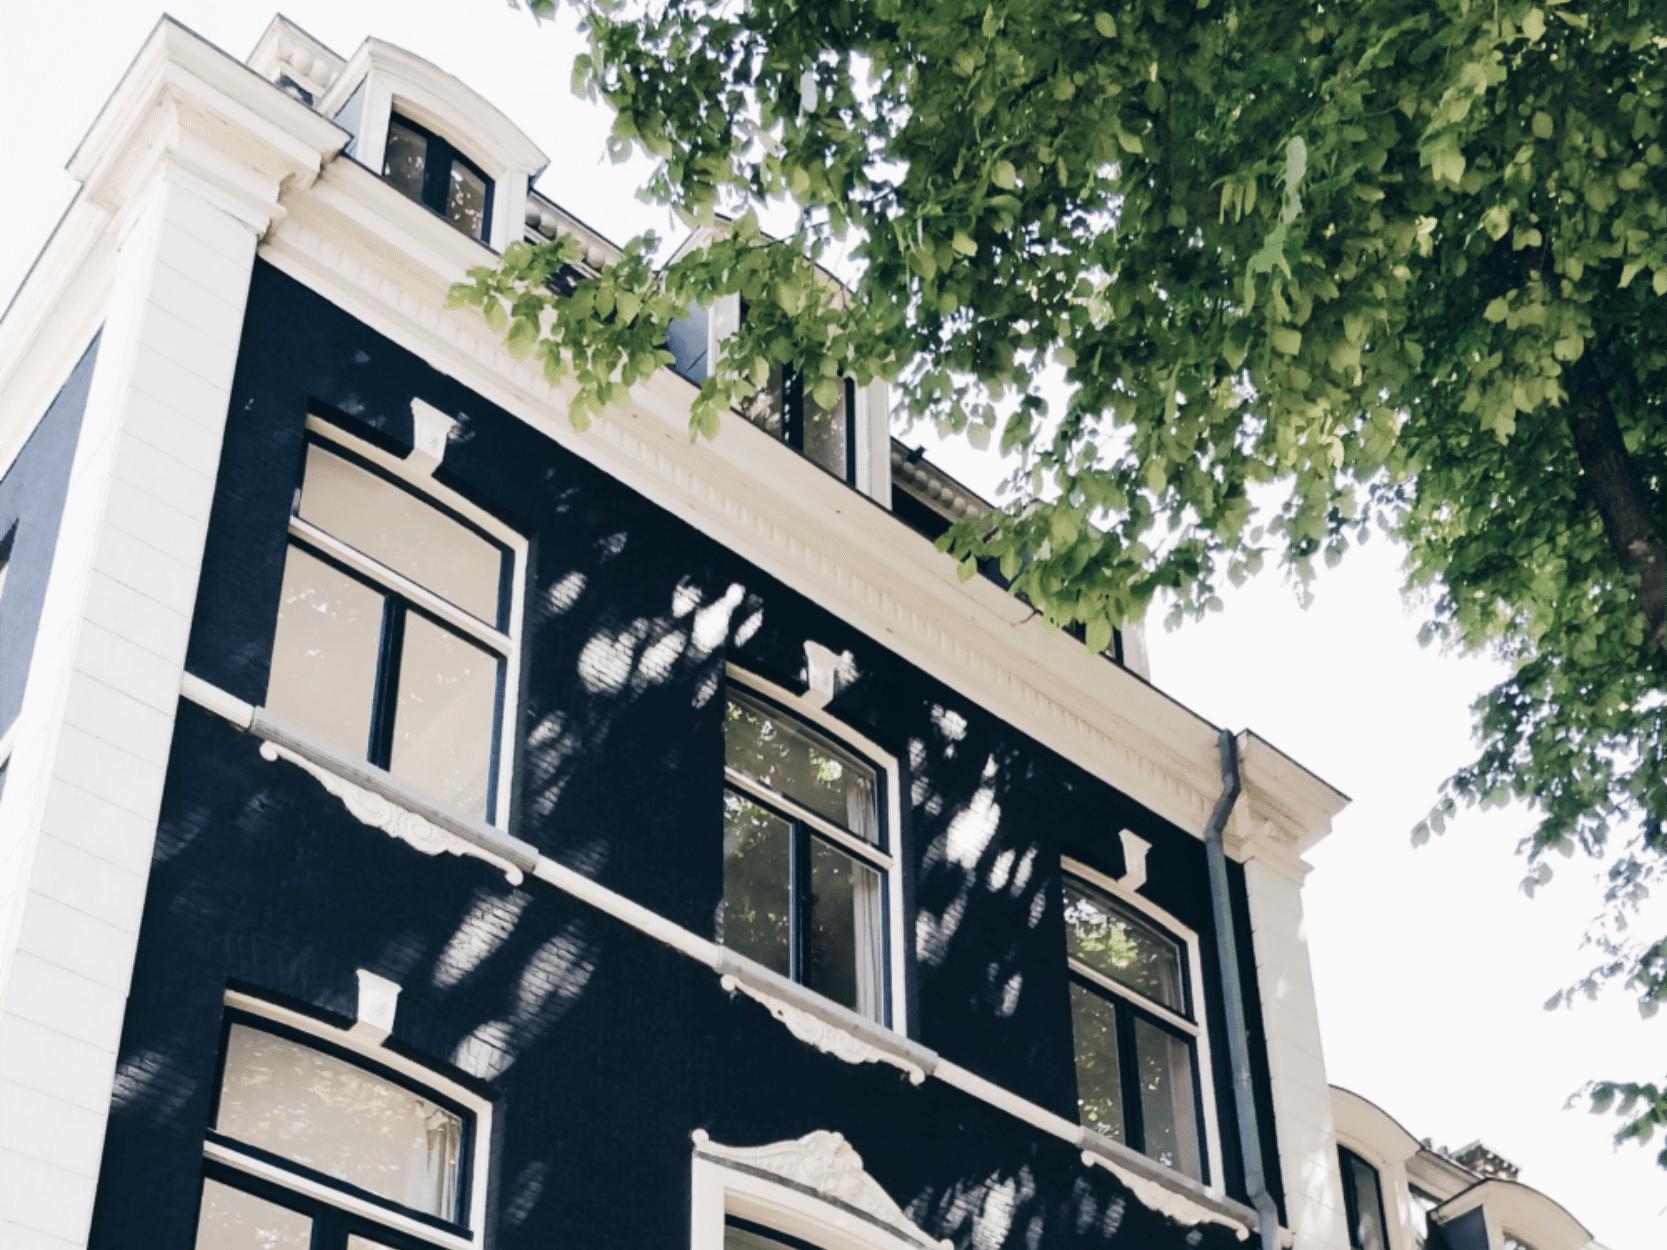 Amsterdam international fashion institute Essay on Fashion